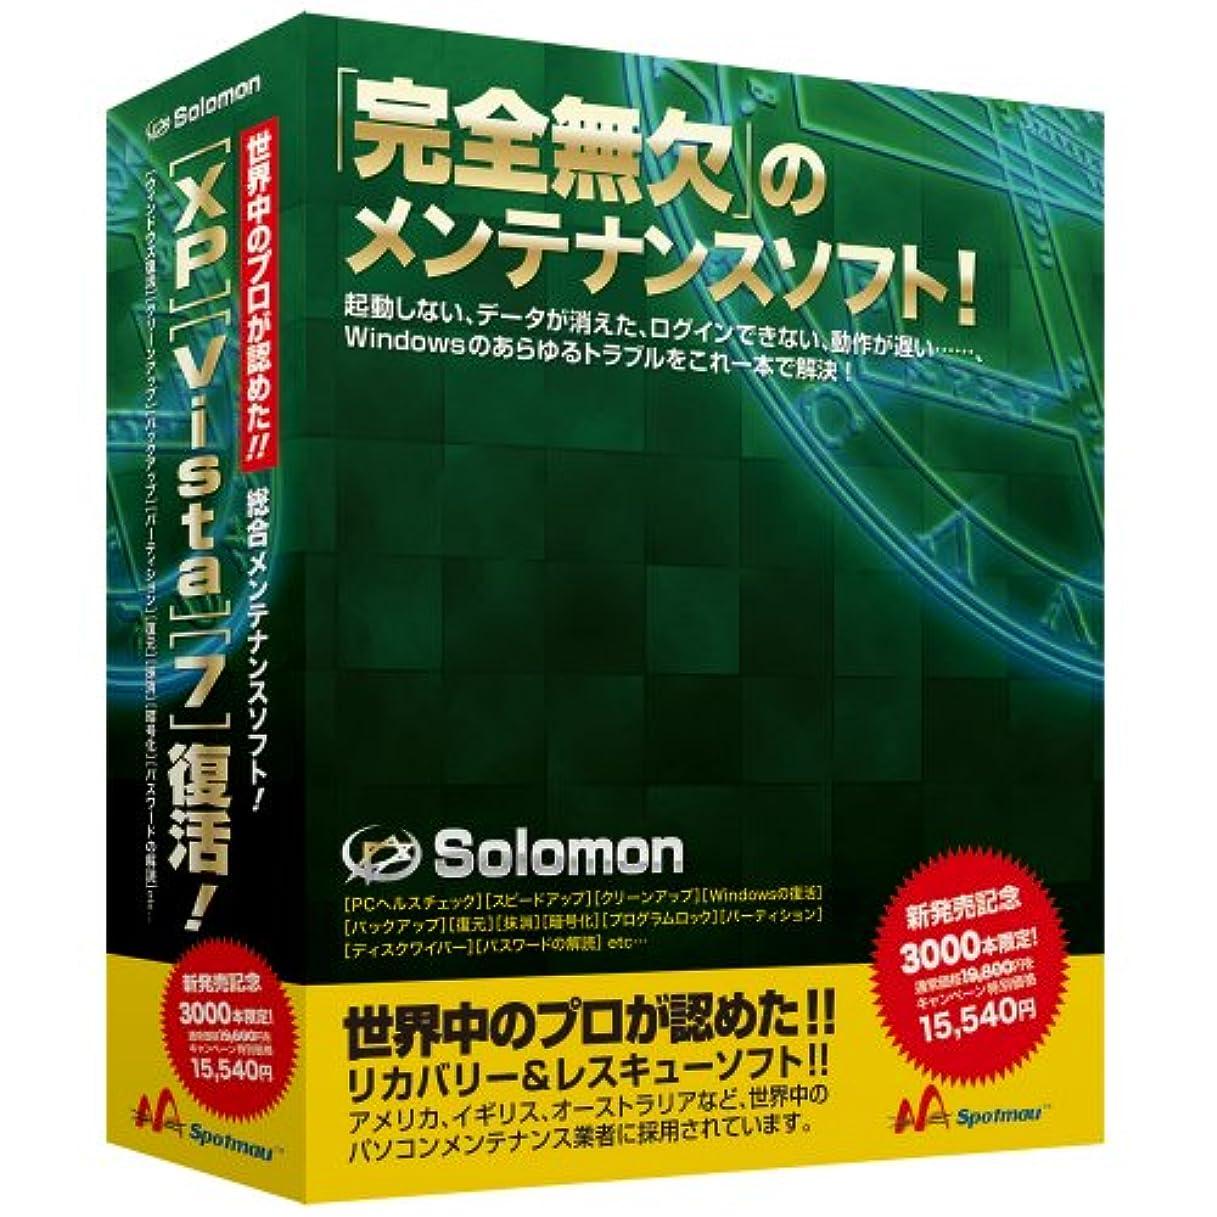 不均一中庭武器Solomon 新発売キャンペーン版